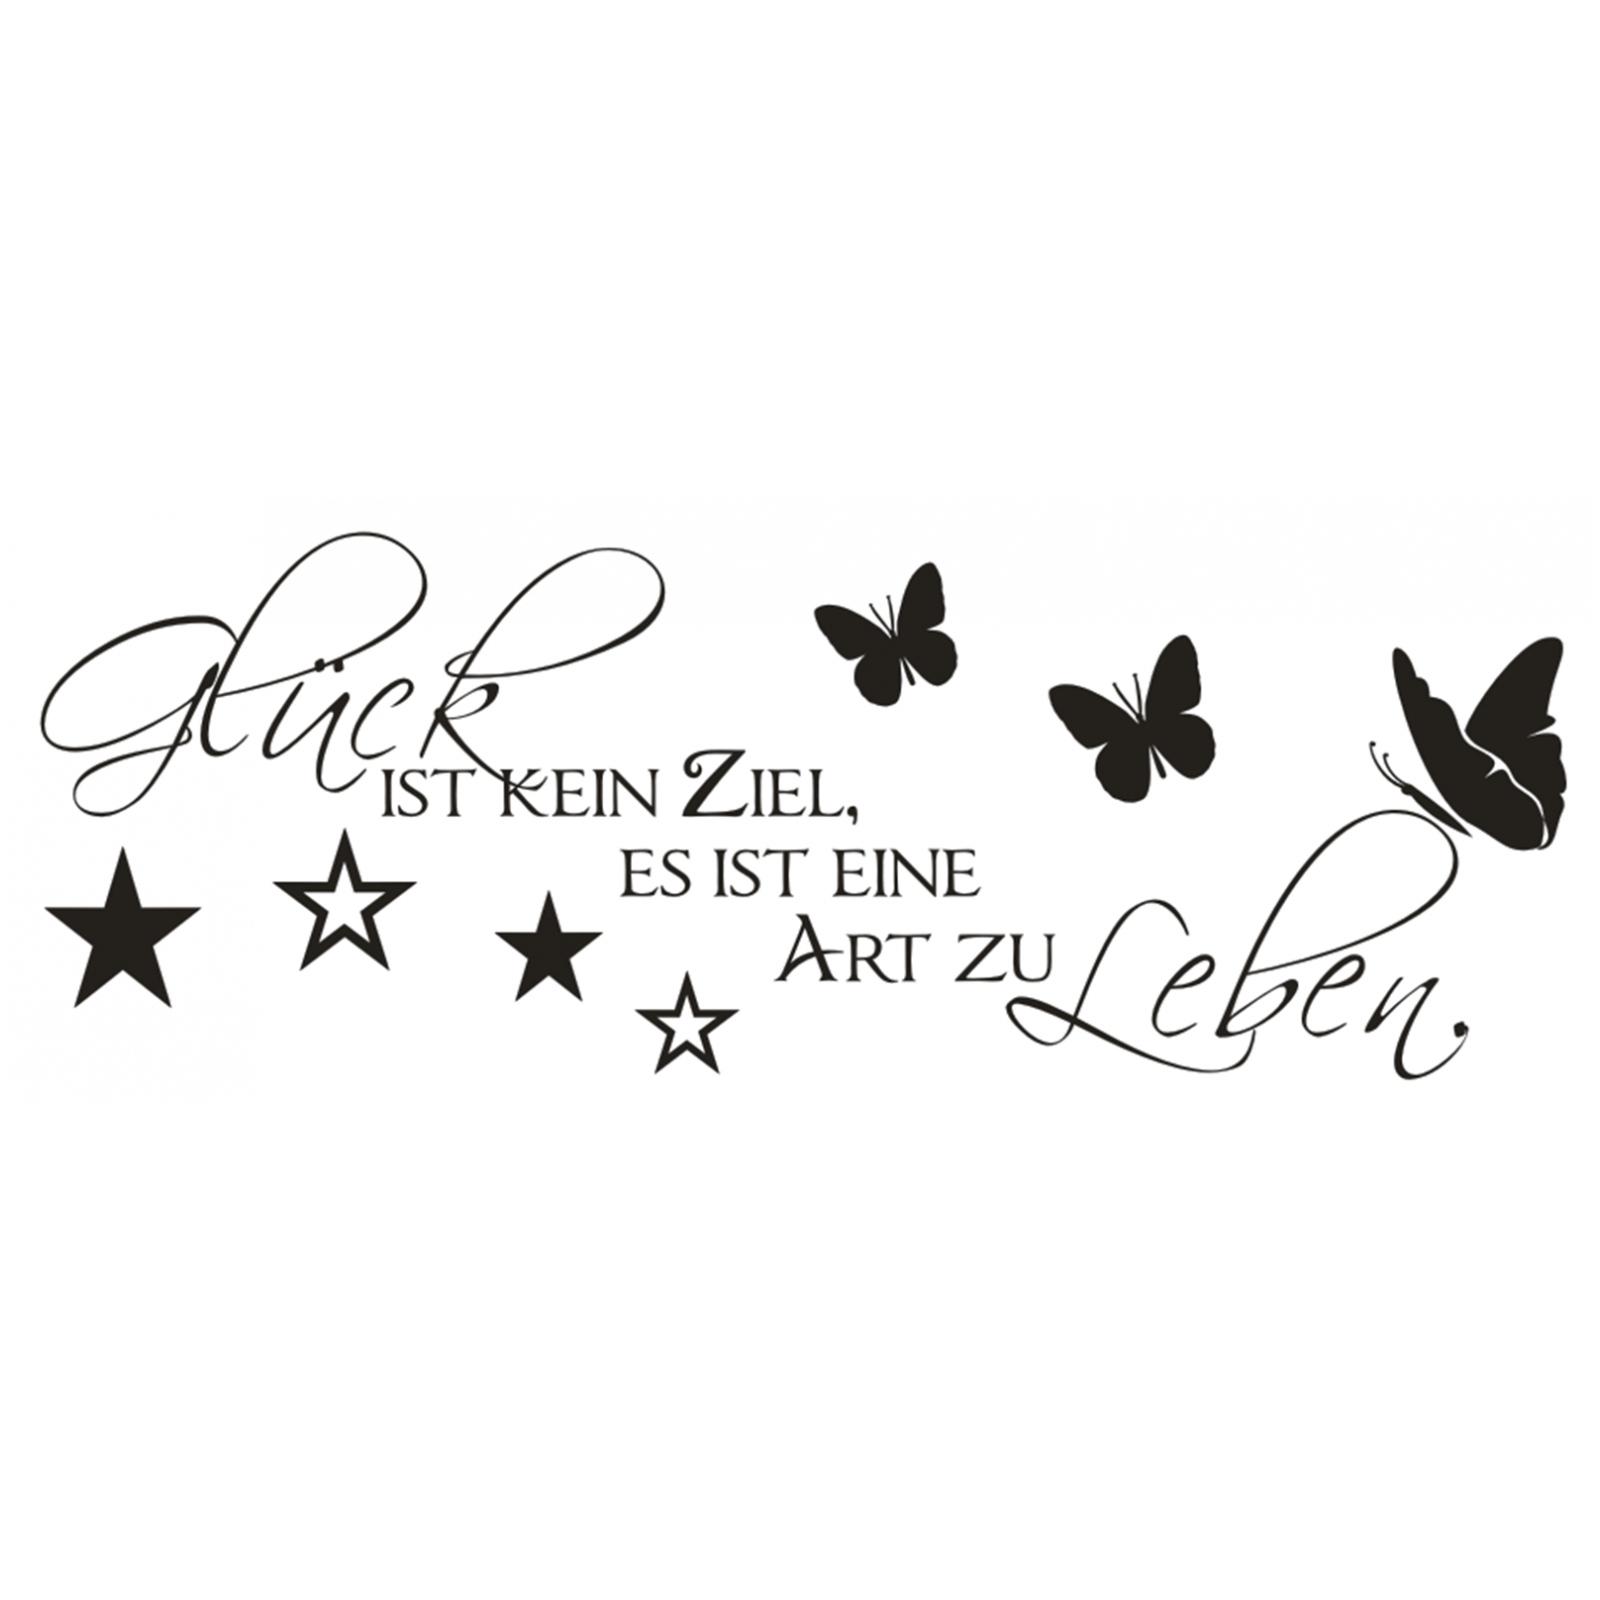 Spruch-WANDTATTOO-Glueck-Ziel-Art-zu-Leben-Wandsticker-Wandaufkleber-Sticker Indexbild 2